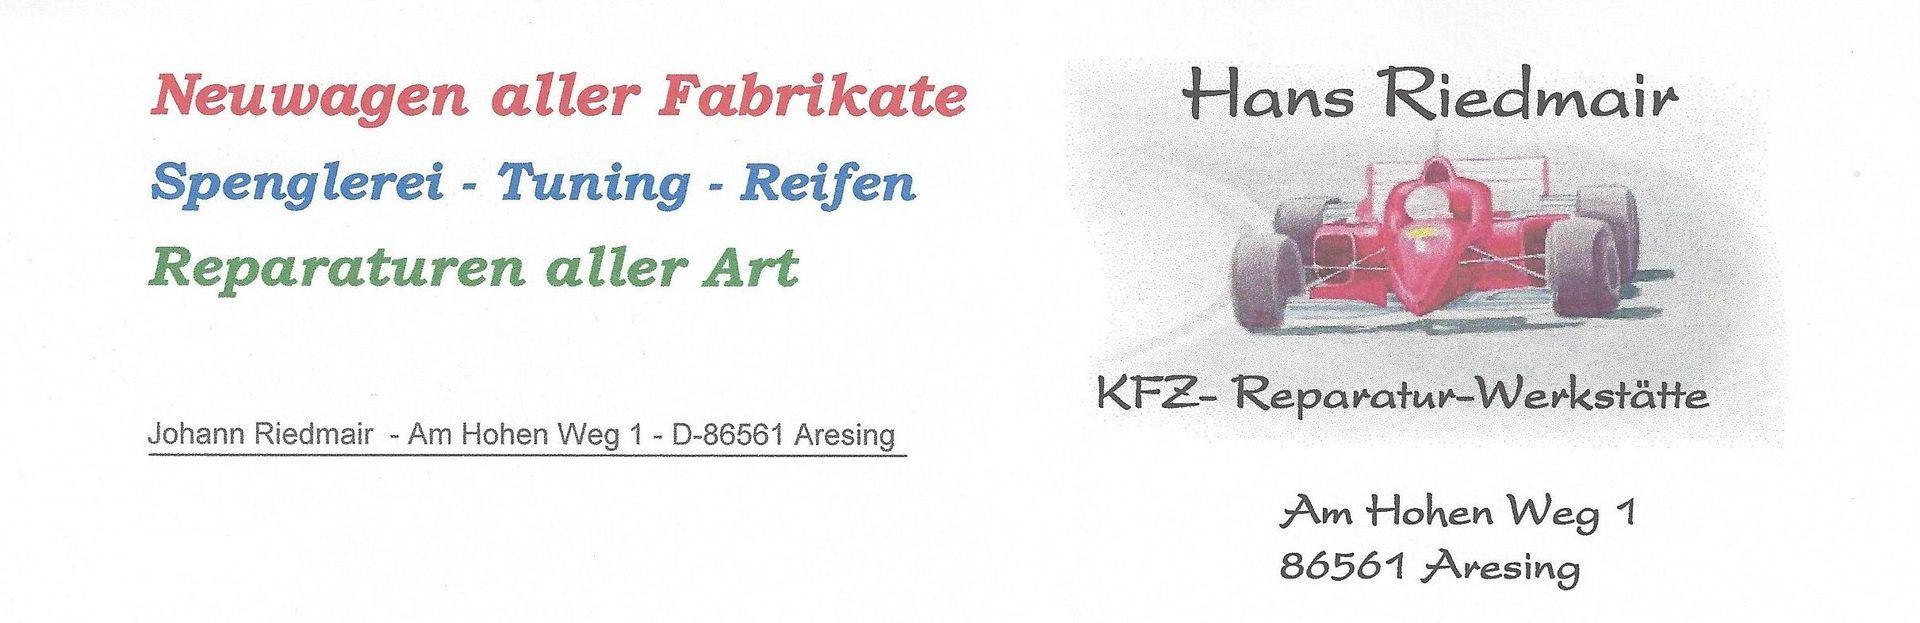 Schön Auto Reparatur Rechnung Vorlage Galerie - Entry Level Resume ...